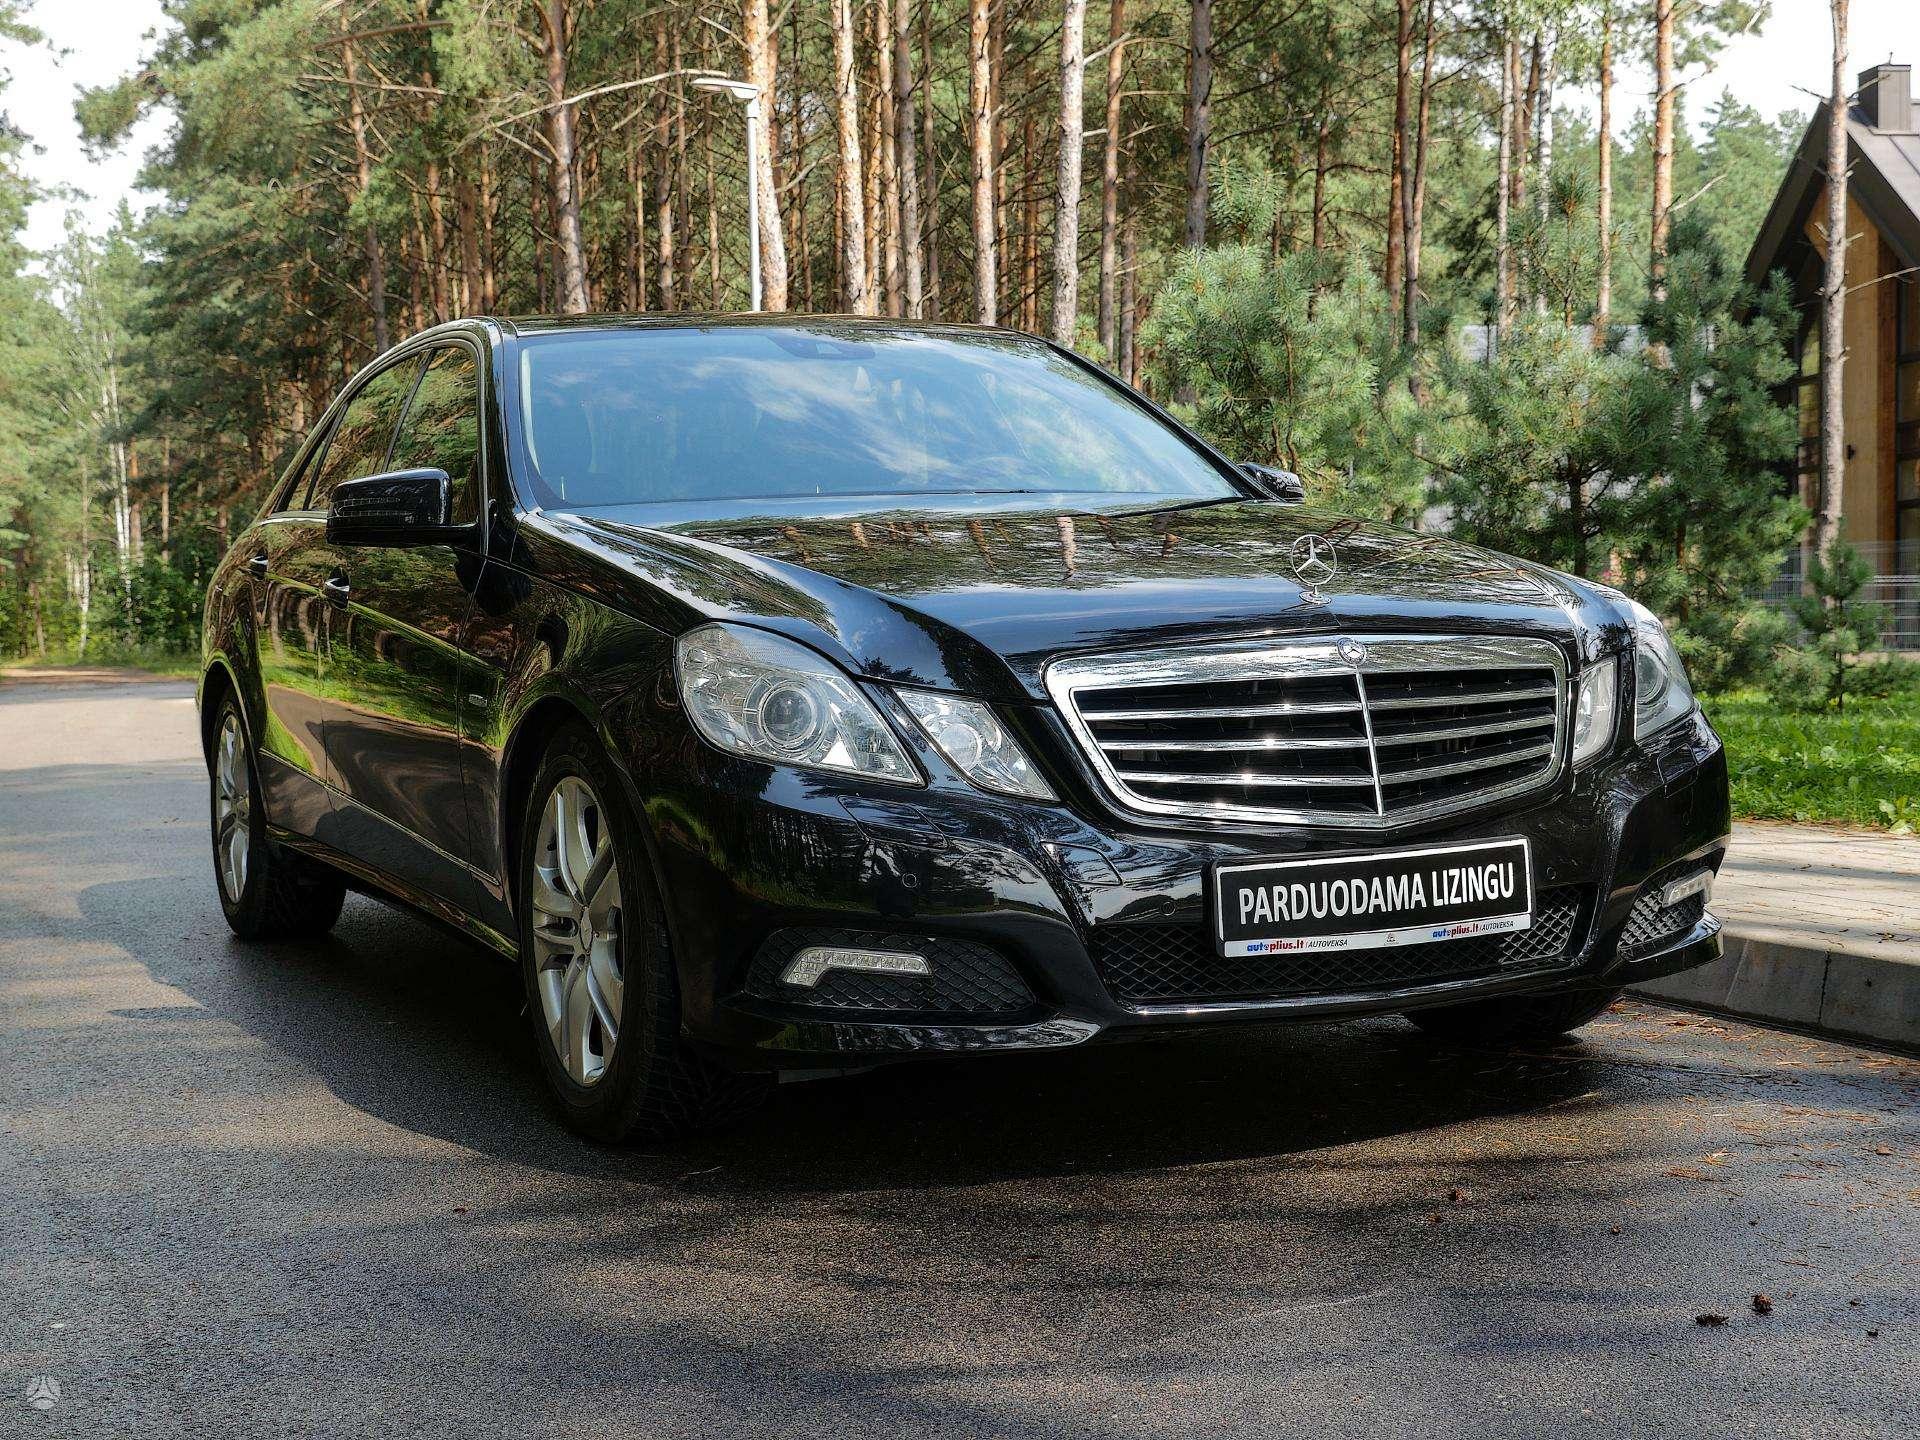 Mercedes-Benz E350 Išsimokėtinai nuo 223Eur/Mėn su 3 mėnesių garantija